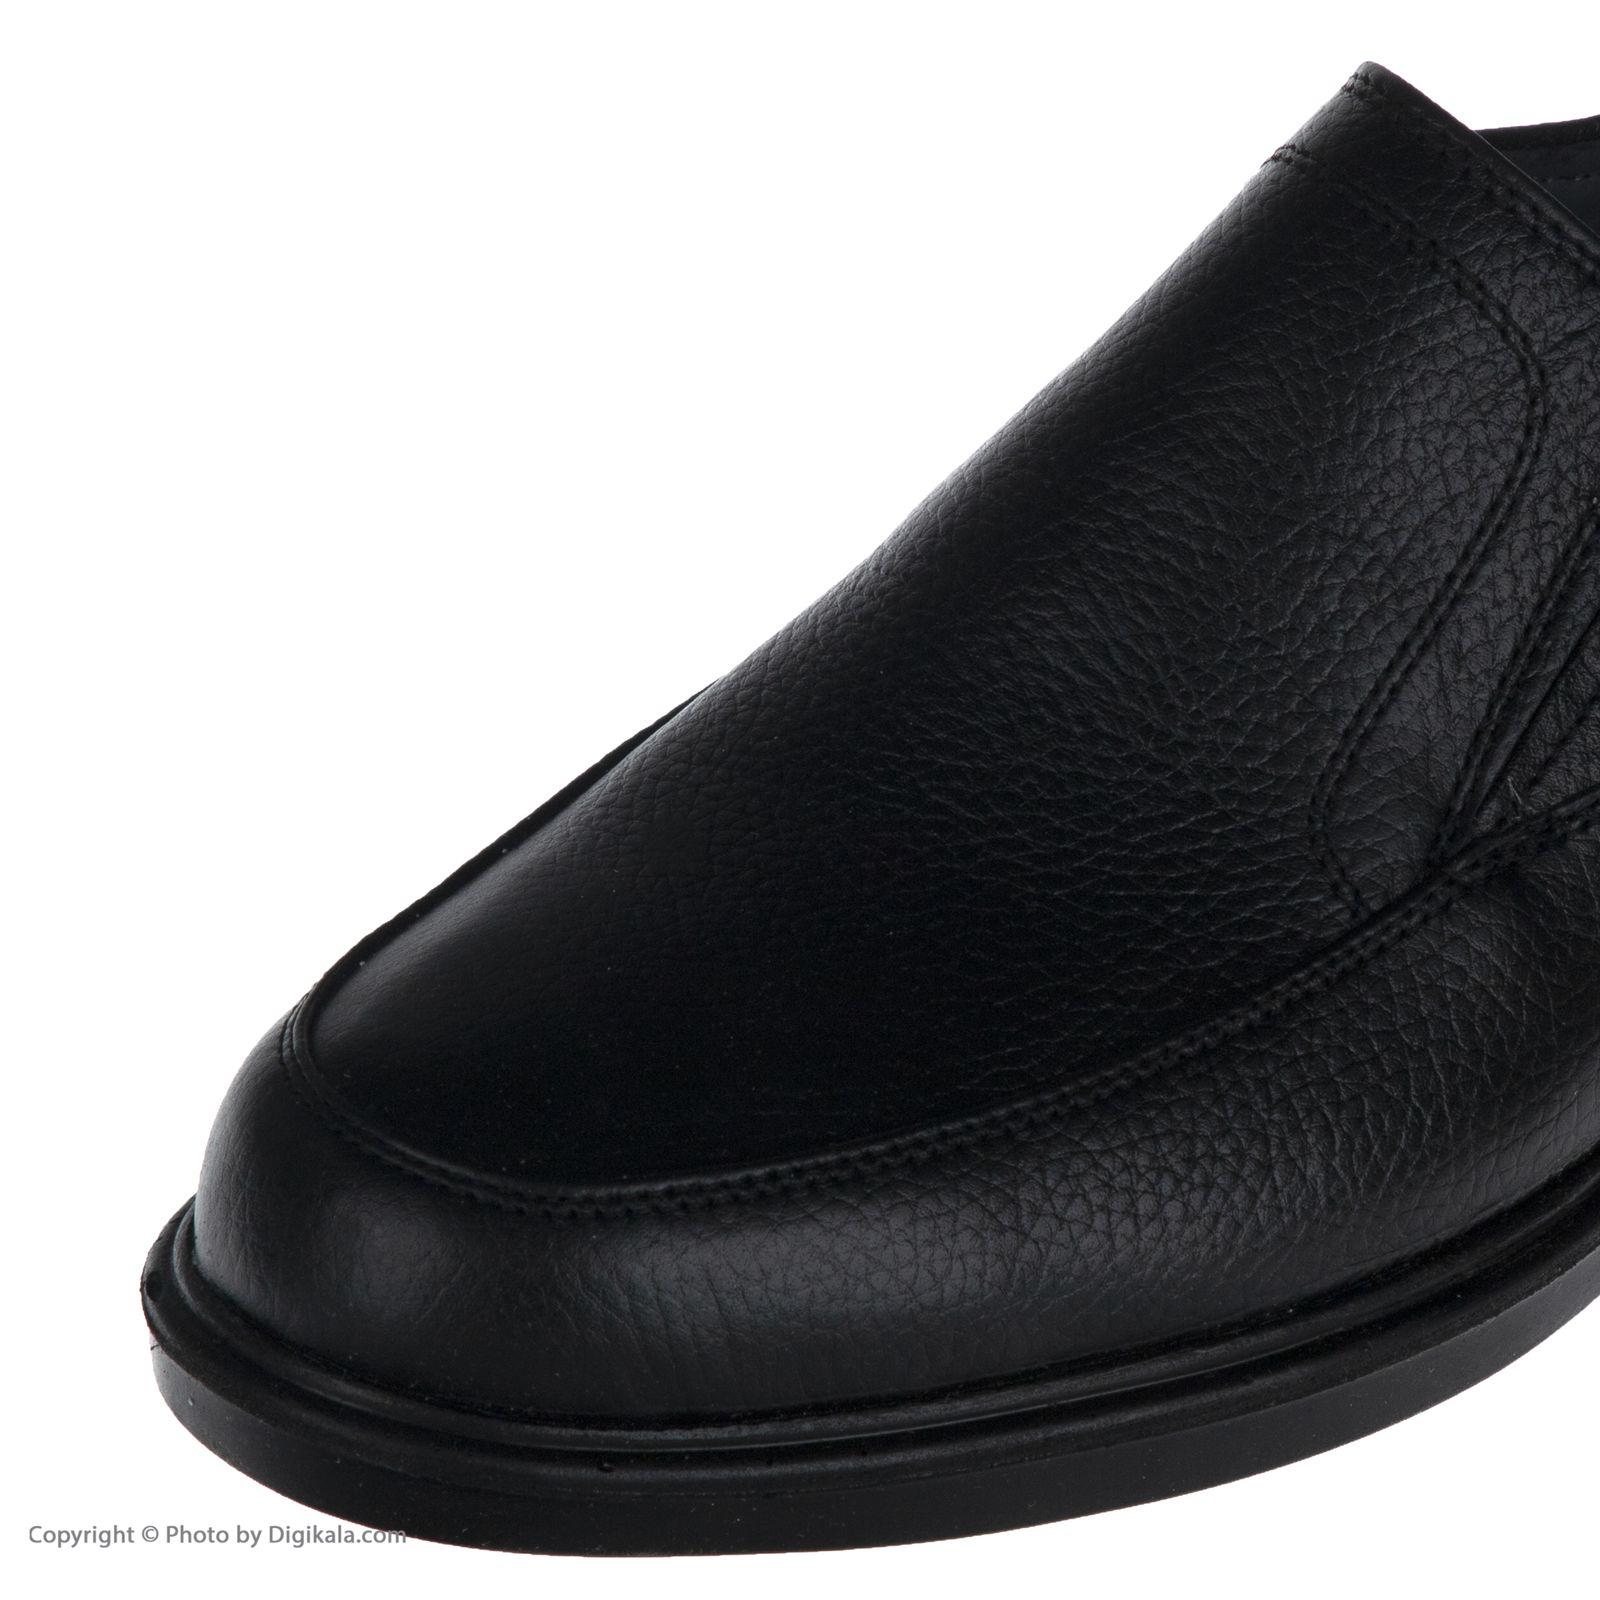 کفش روزمره مردانه بلوط مدل 7293A503101 -  - 8